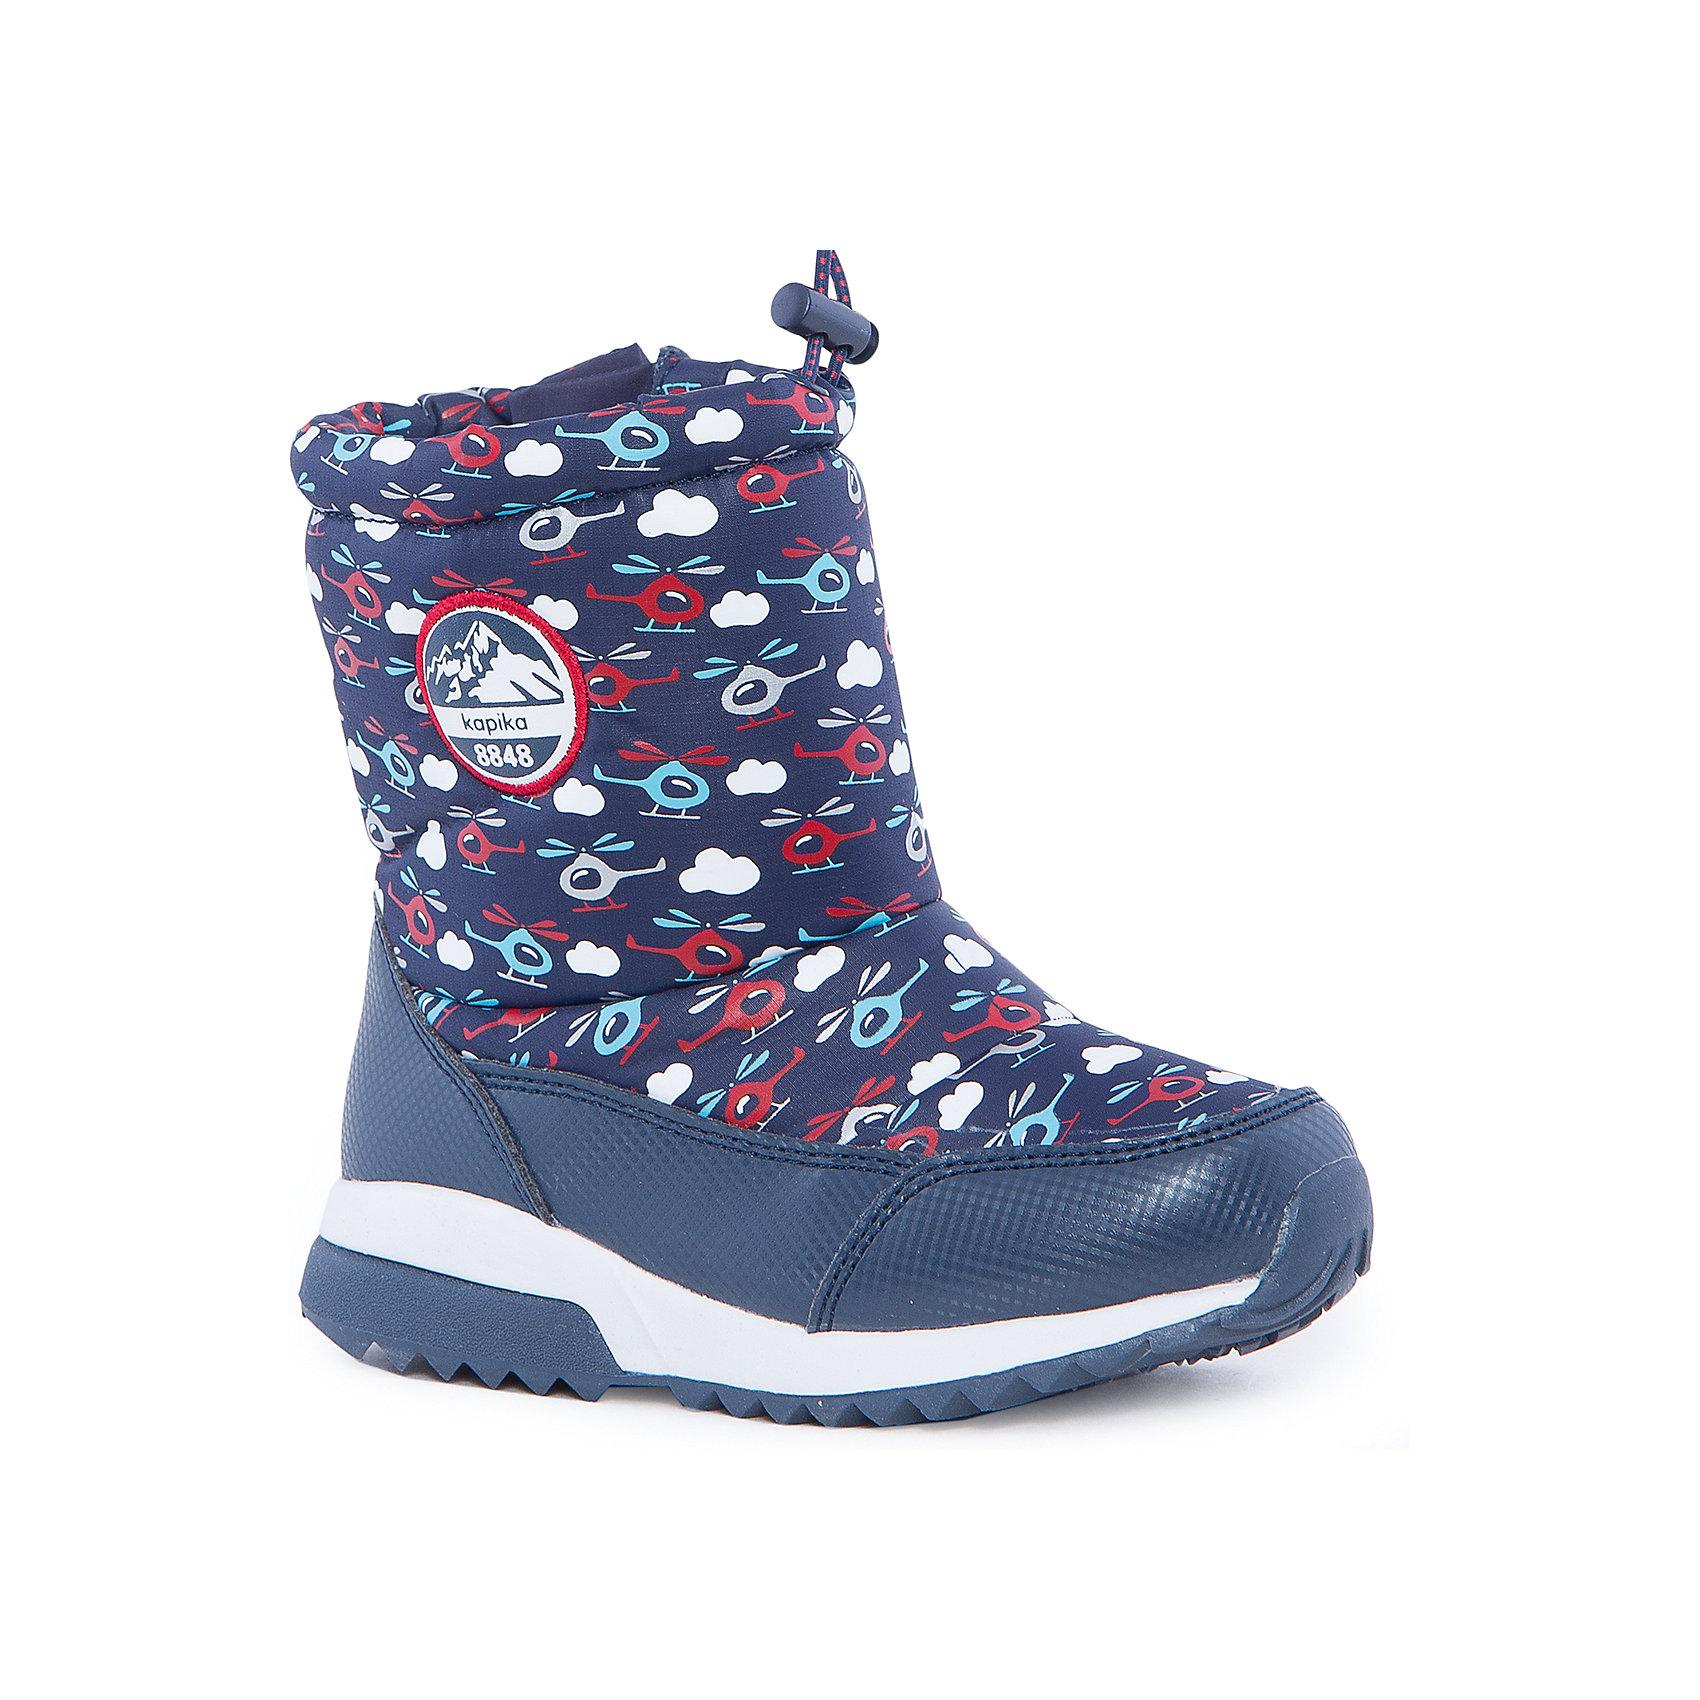 Полусапоги для мальчика KAPIKAПолусапоги для мальчика KAPIKA.<br><br>Температурный режим: до -20 градусов. Степень утепления – средняя. <br><br>* Температурный режим указан приблизительно — необходимо, прежде всего, ориентироваться на ощущения ребенка. <br><br>Сапоги-дутики защитят ноги малыша от снега и дождя. Благодаря теплому меху внутри их можно носить даже в очень холодную погоду. Подошва сделана с противоскользящим эффектом. Сверху есть резинка-утяжка, которая не даст влаге проникнуть через верх. <br><br>Дополнительная информация:<br><br>- материал верха: искусственная кожа, текстиль<br>- материал подкладки: 80% шерсть, 20% искусственный мех<br>- цвет: синий<br><br>Полусапоги для мальчика KAPIKA можно купить в нашем интернет магазине.<br><br>Ширина мм: 257<br>Глубина мм: 180<br>Высота мм: 130<br>Вес г: 420<br>Цвет: красный/синий<br>Возраст от месяцев: 24<br>Возраст до месяцев: 24<br>Пол: Мужской<br>Возраст: Детский<br>Размер: 25,23,27,26,24<br>SKU: 4988172